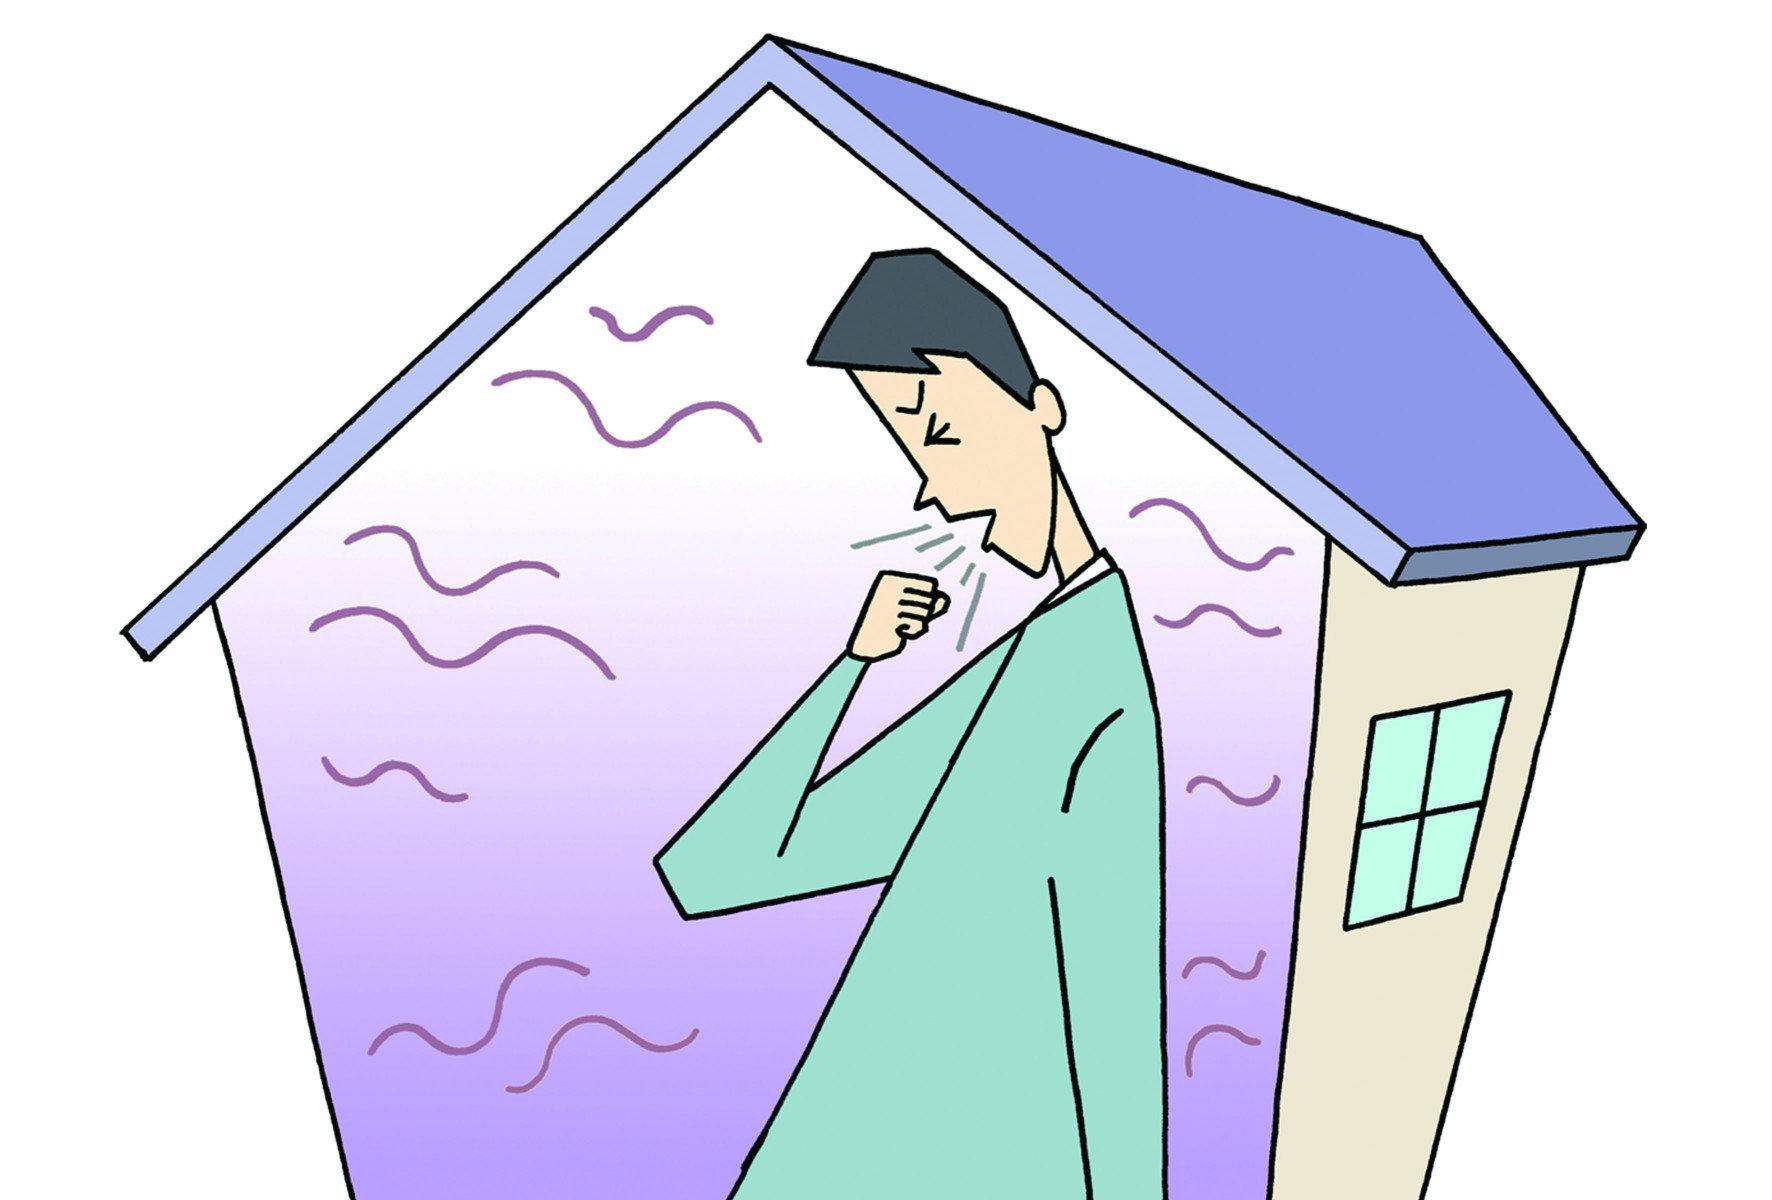 目前台灣法規所認定的室內污染物包括「二氧化碳」、「一氧化碳」、「甲醛」、 「總揮發性有機物(TVOC)」、「PM2.5」或「臭氧」等等。